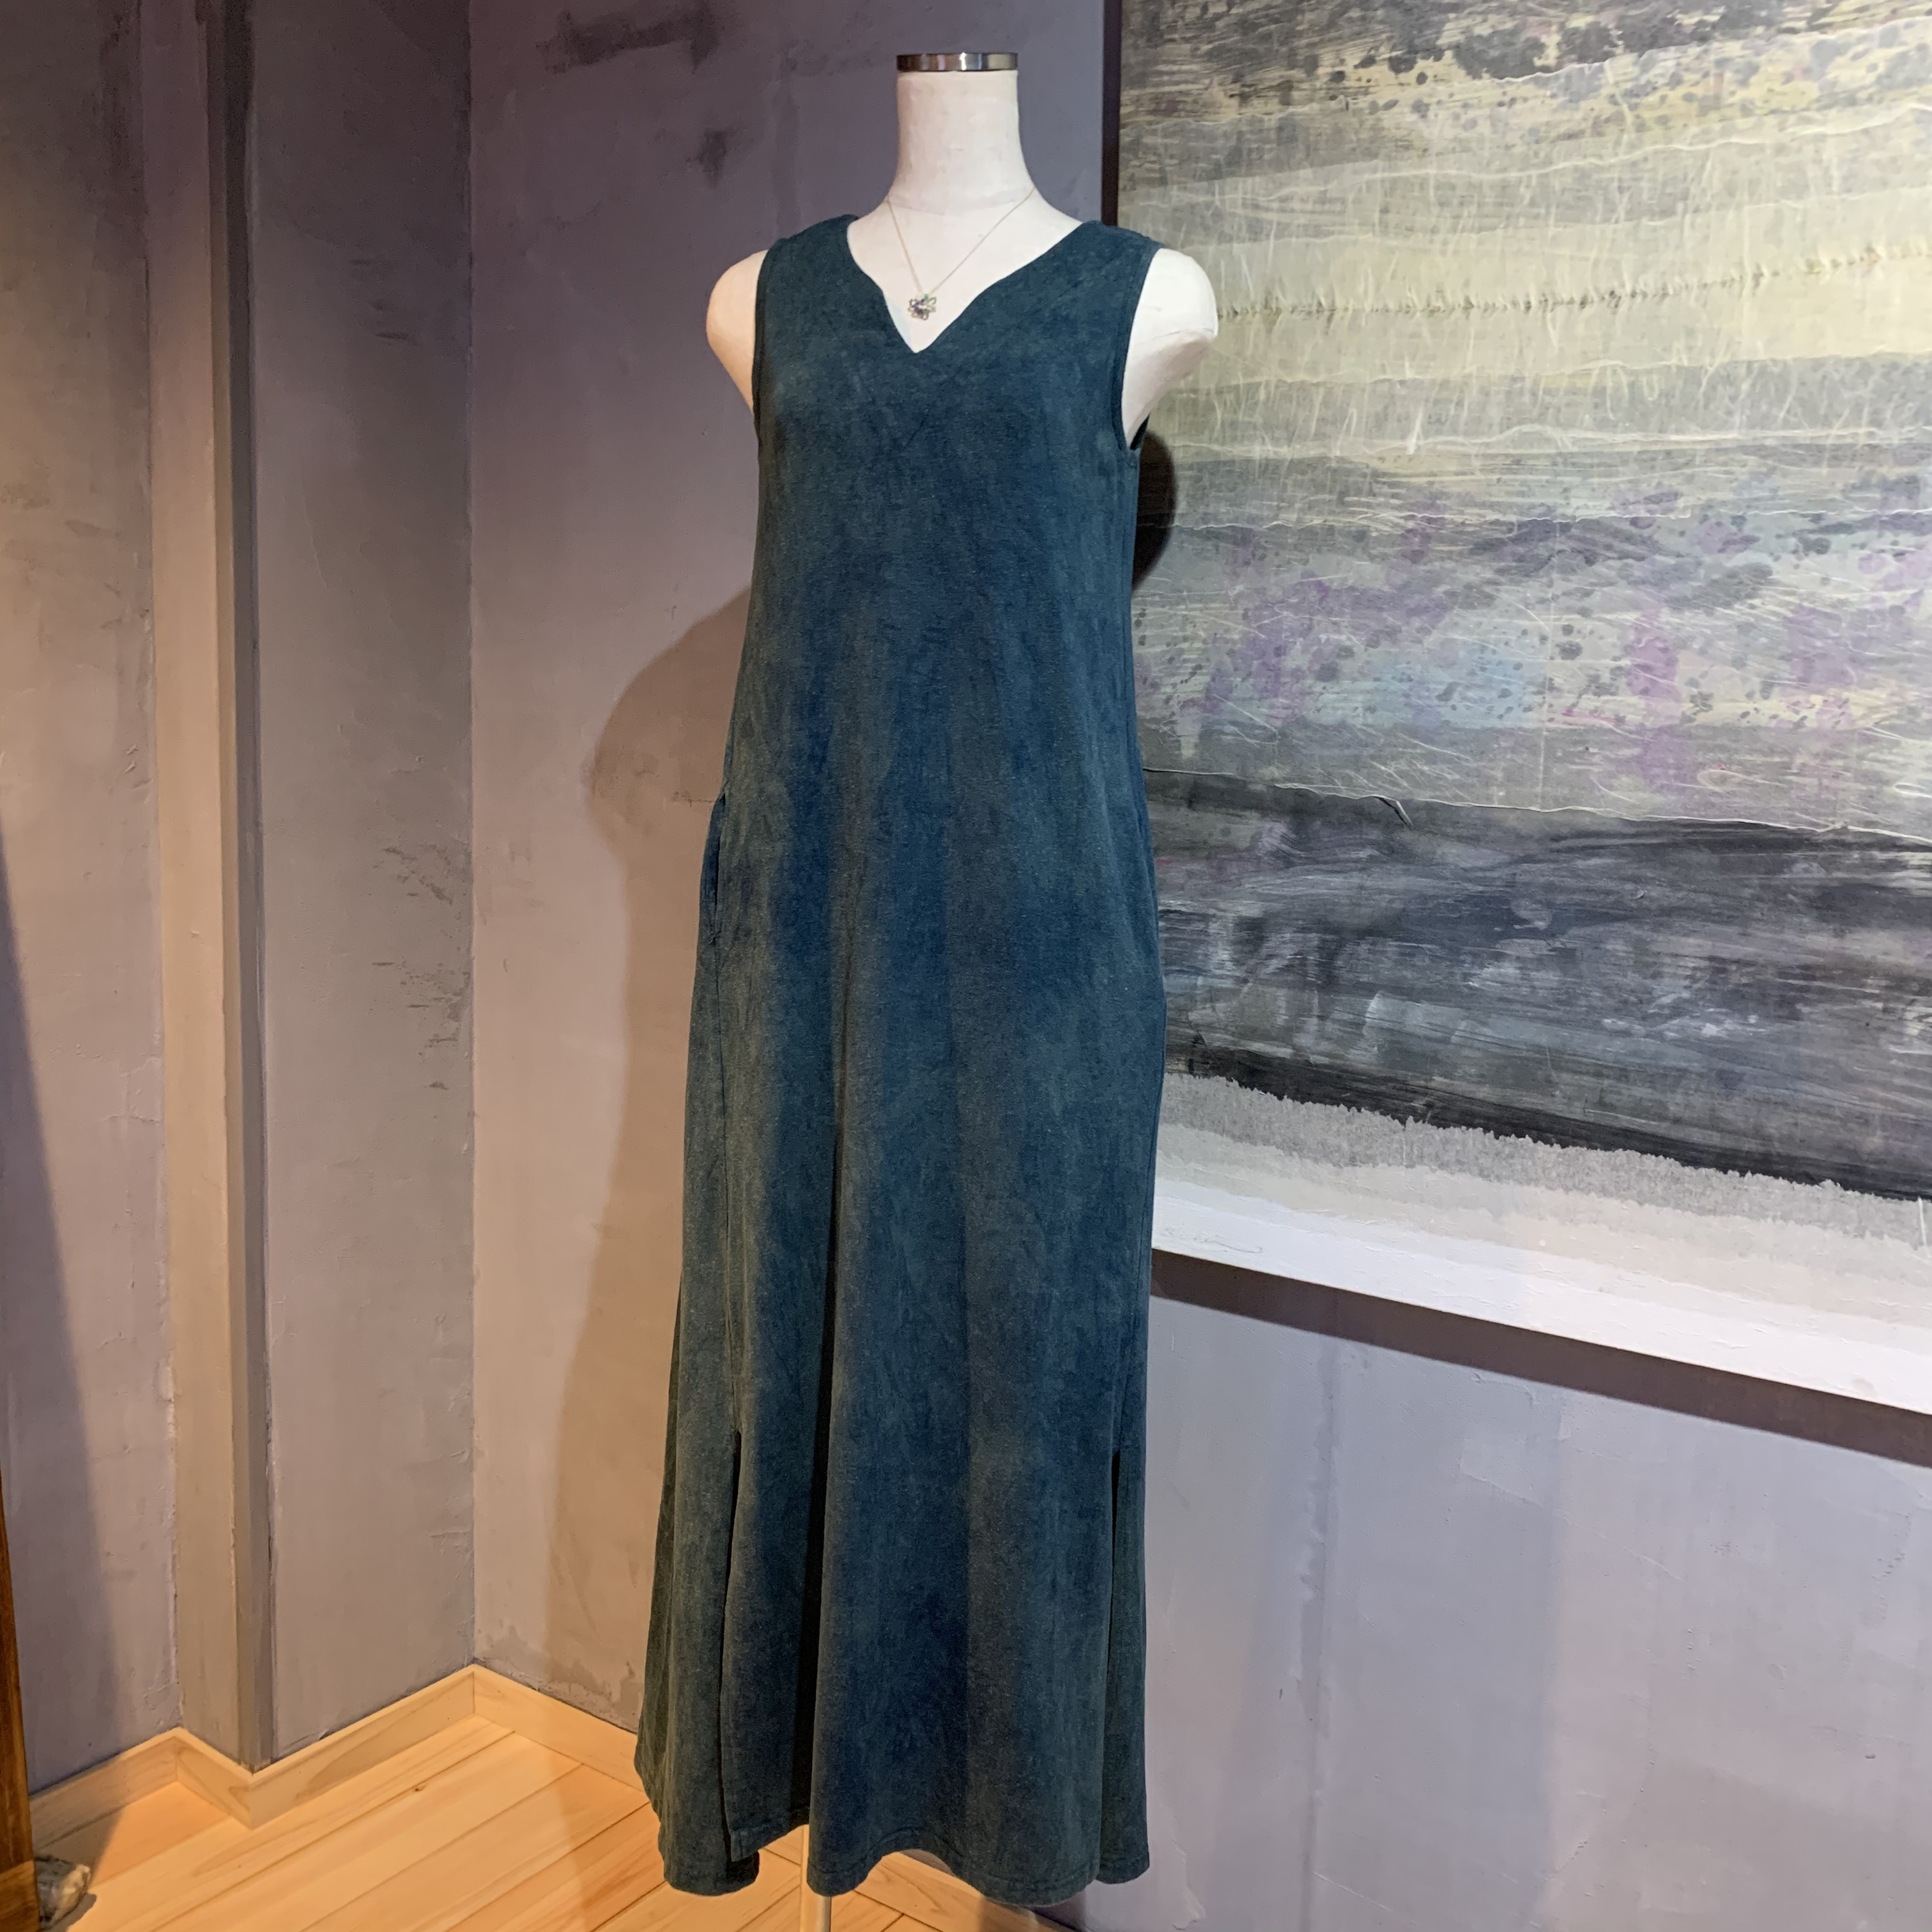 【予約販売受付中】∞One Piece Dress∞ Hemp/OC/Spandex